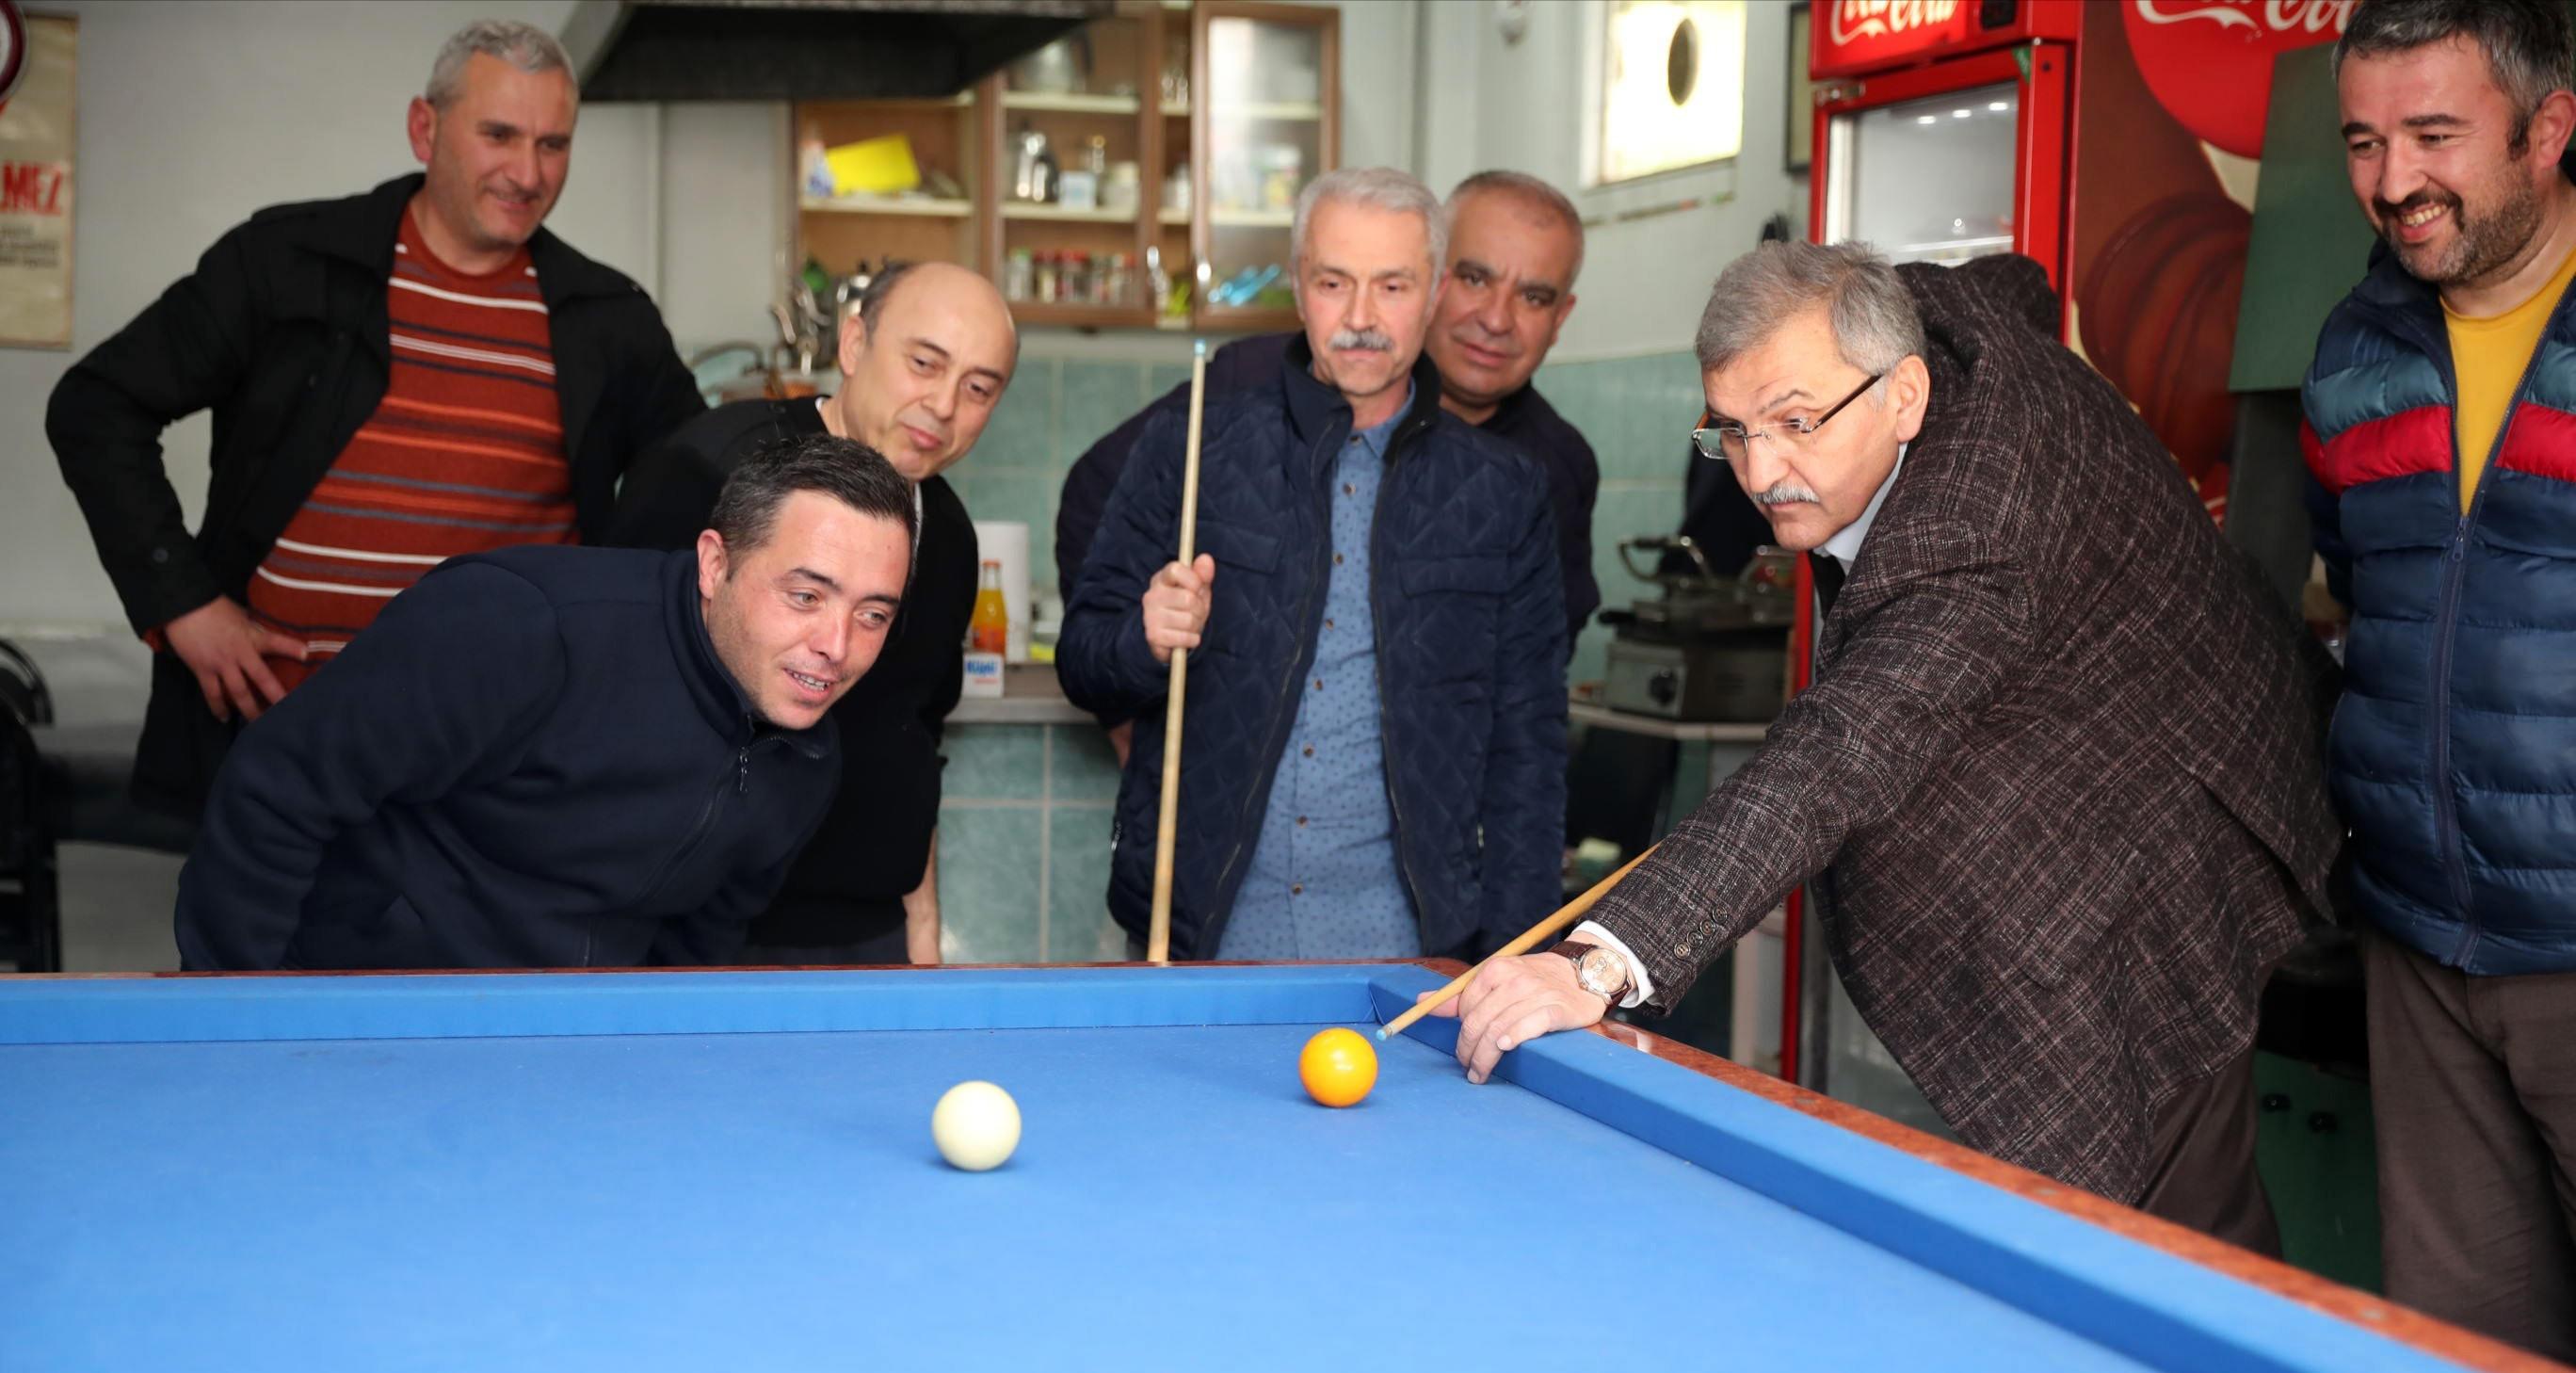 Murat Aydın Kahvehanede Istakayı Eline Alıp Bilardo Oynadı